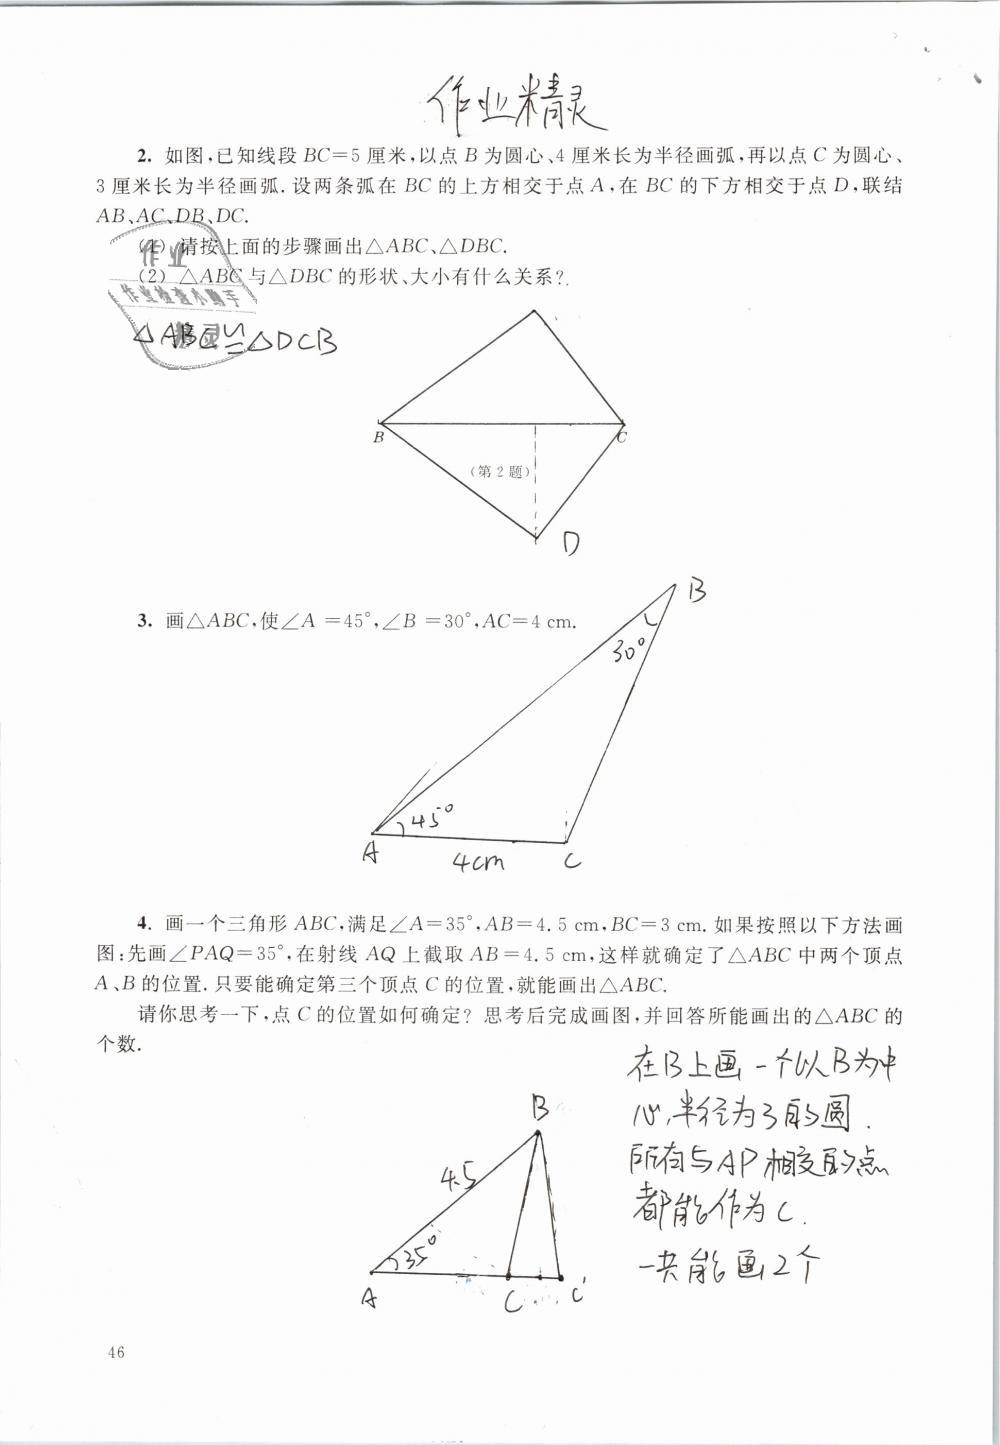 2019年数学练习部分七年级第二学期第46页